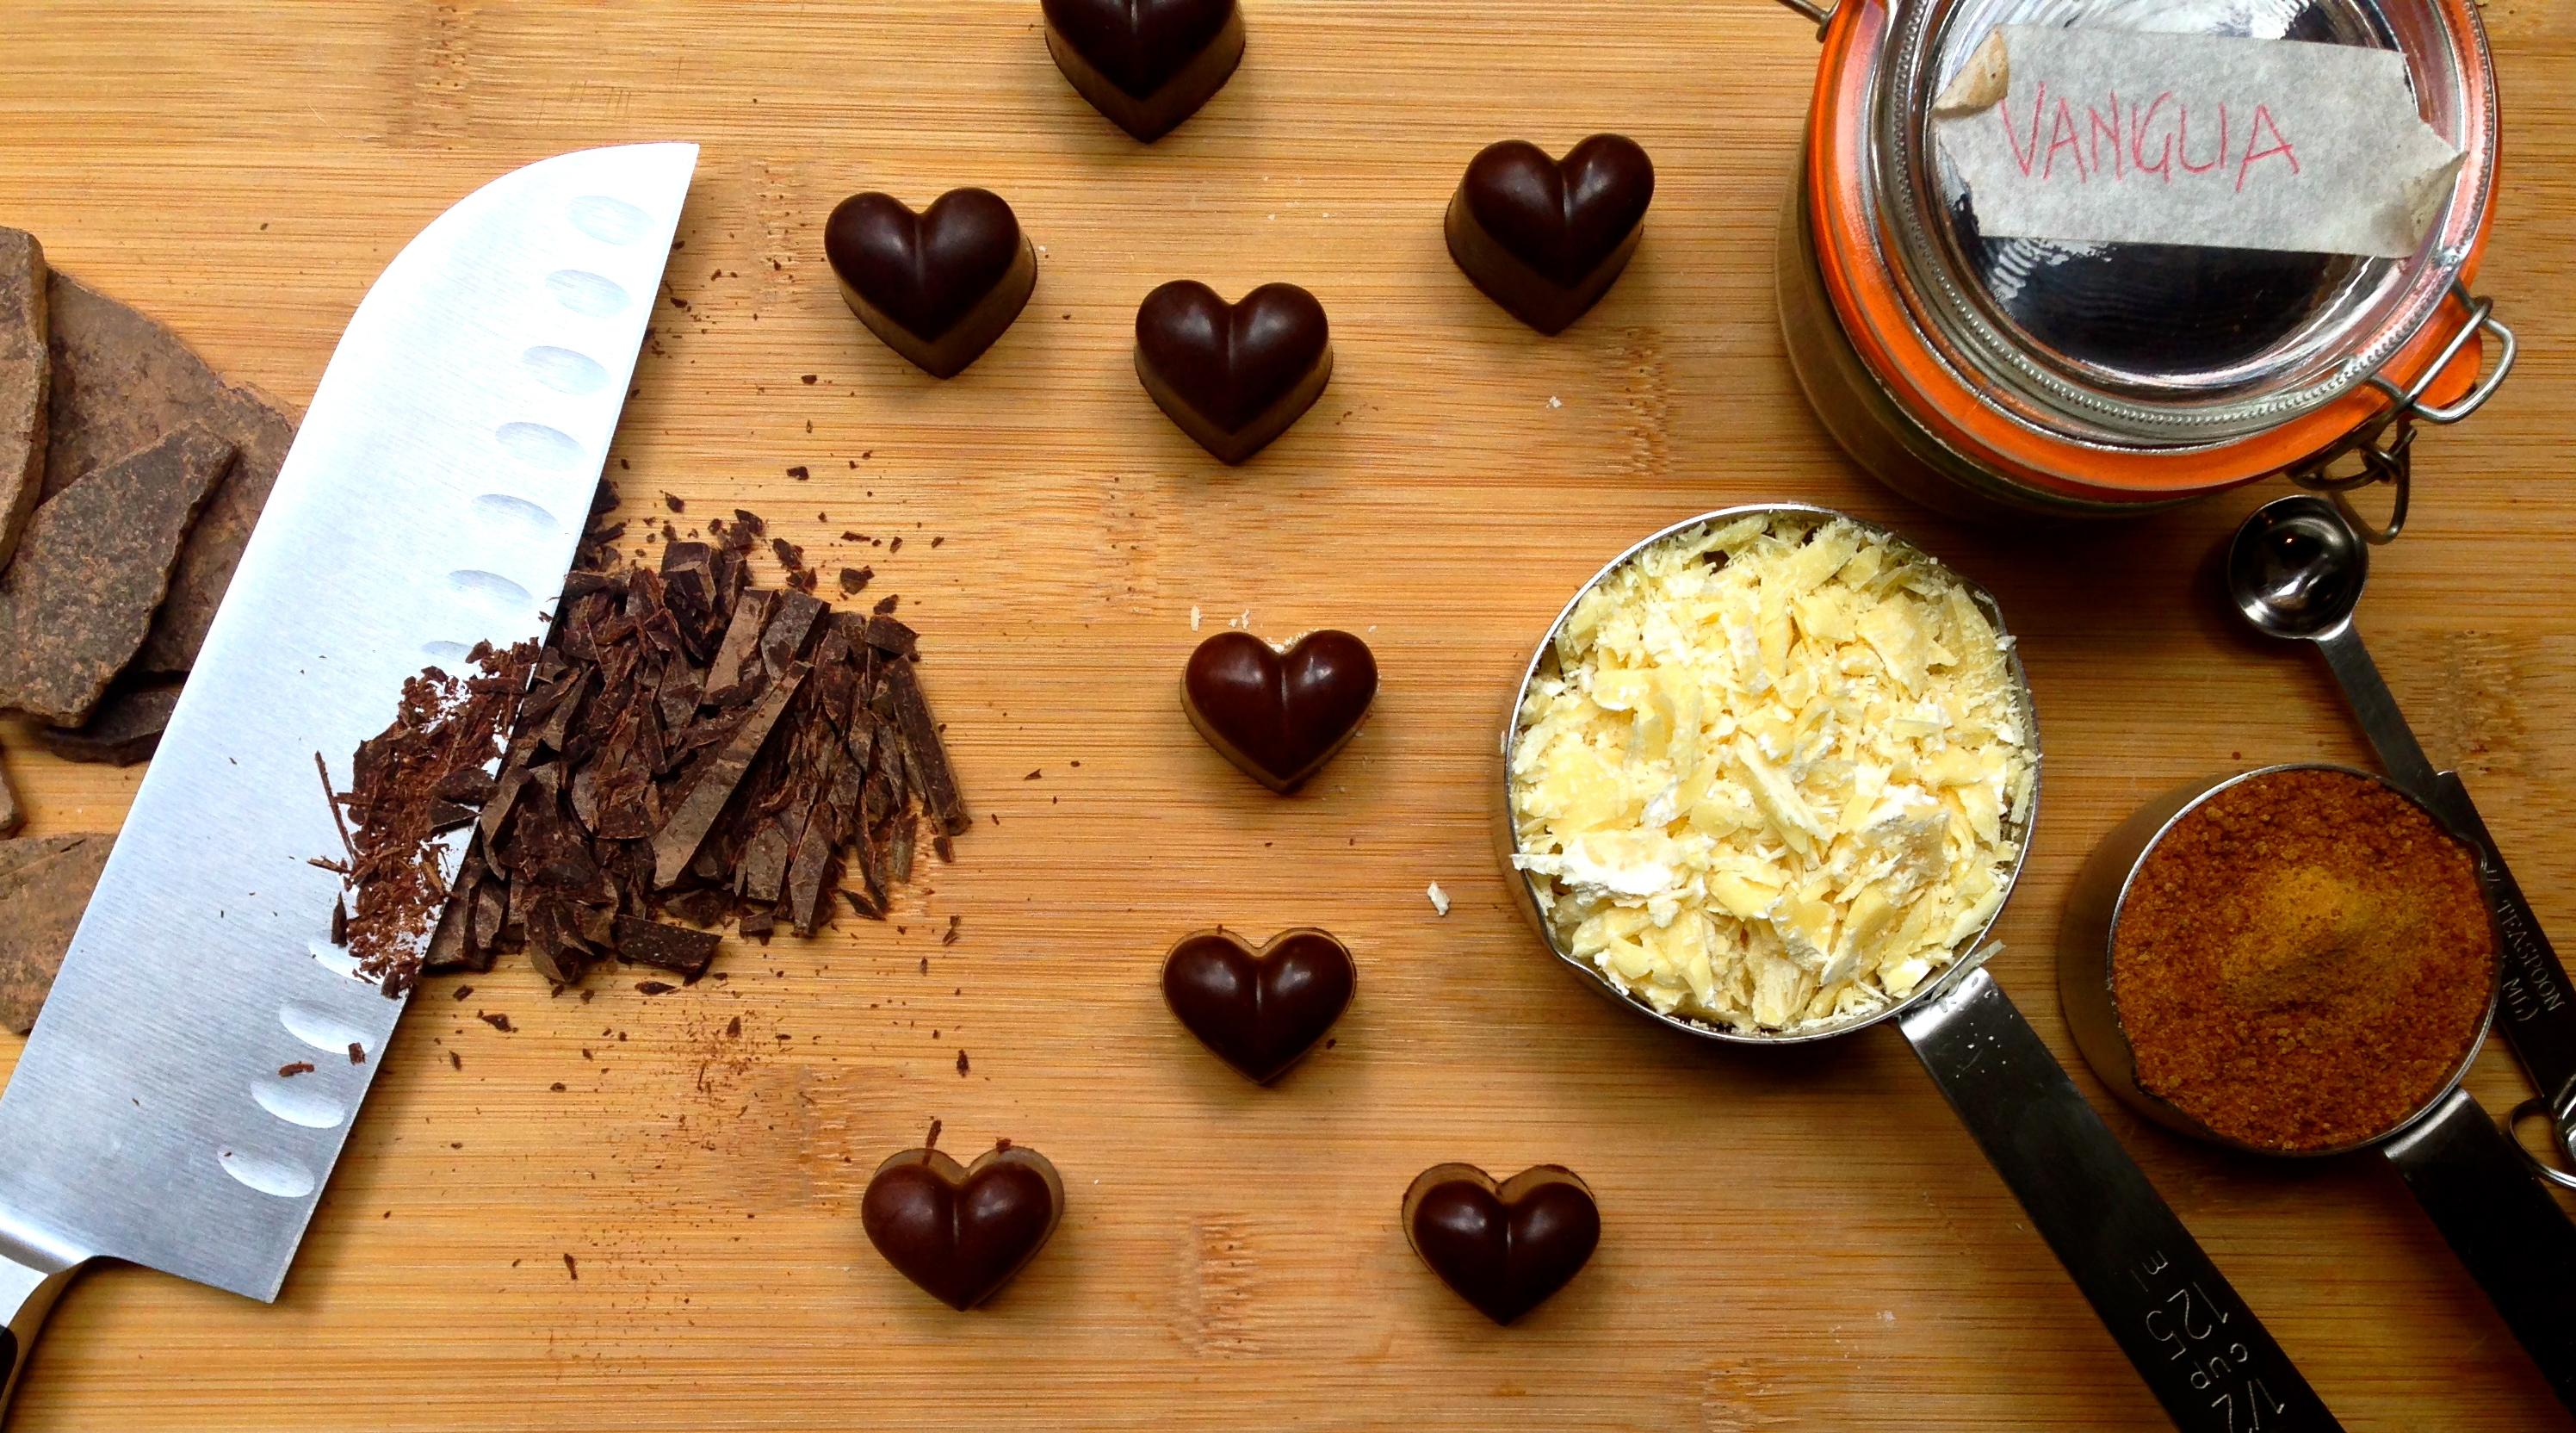 Preparazione cioccolatini